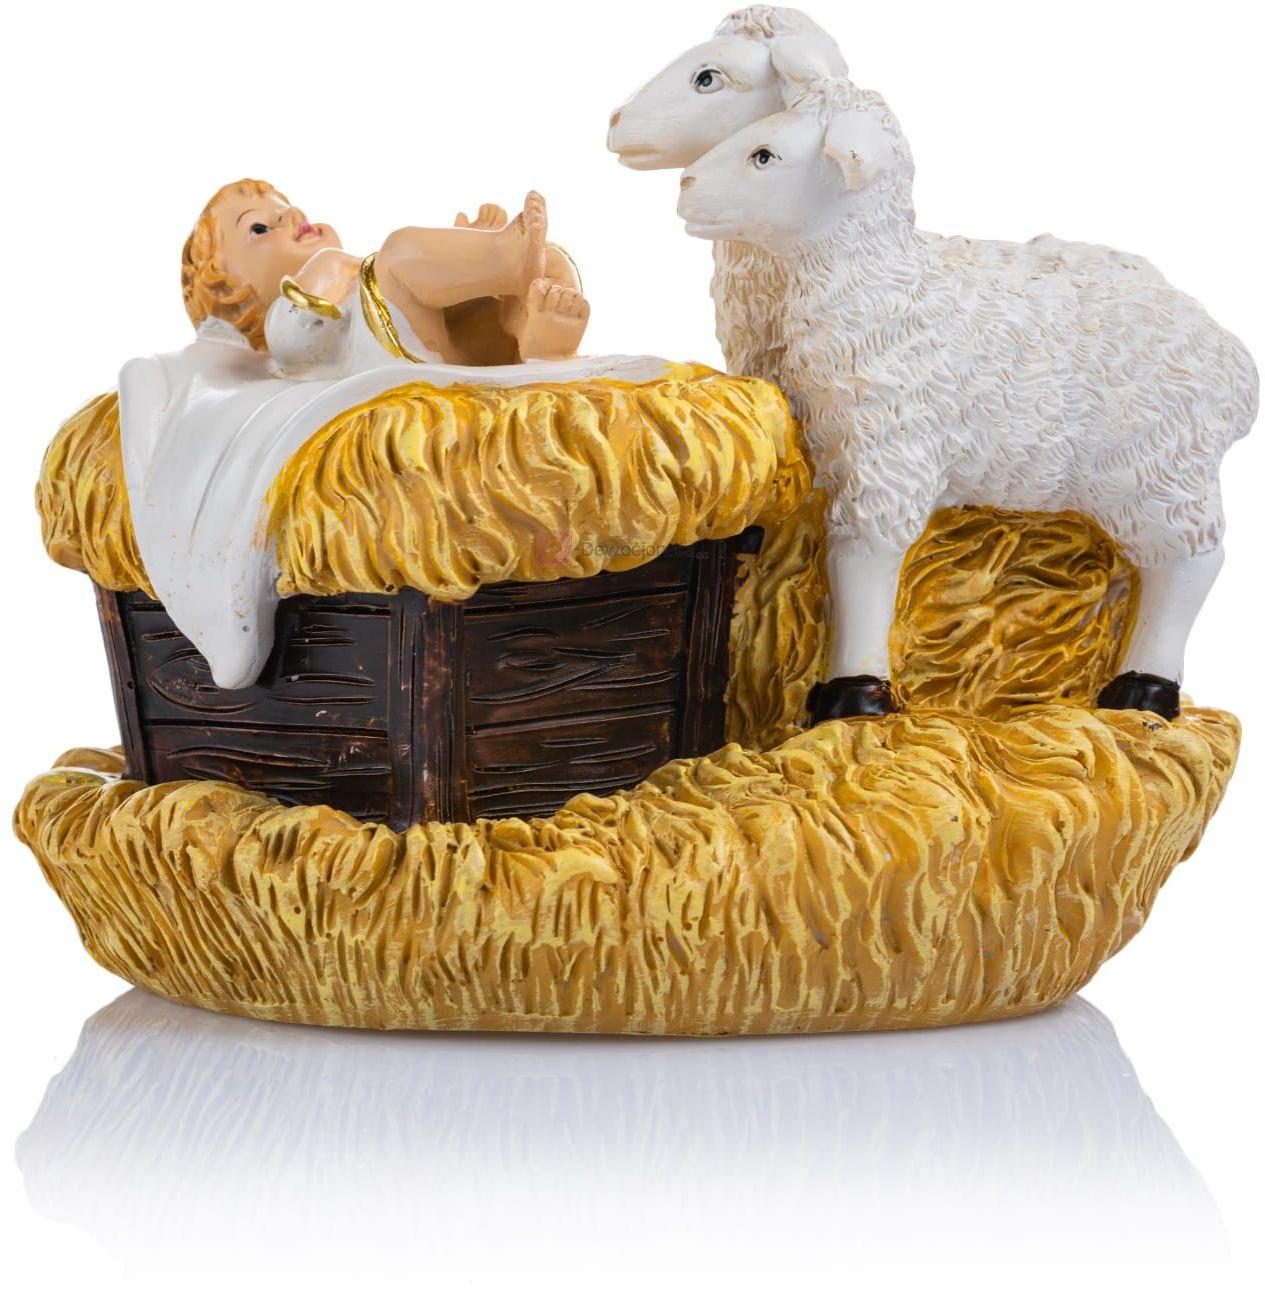 Figurka - Dzieciątko Jezus - baranki - 10 cm